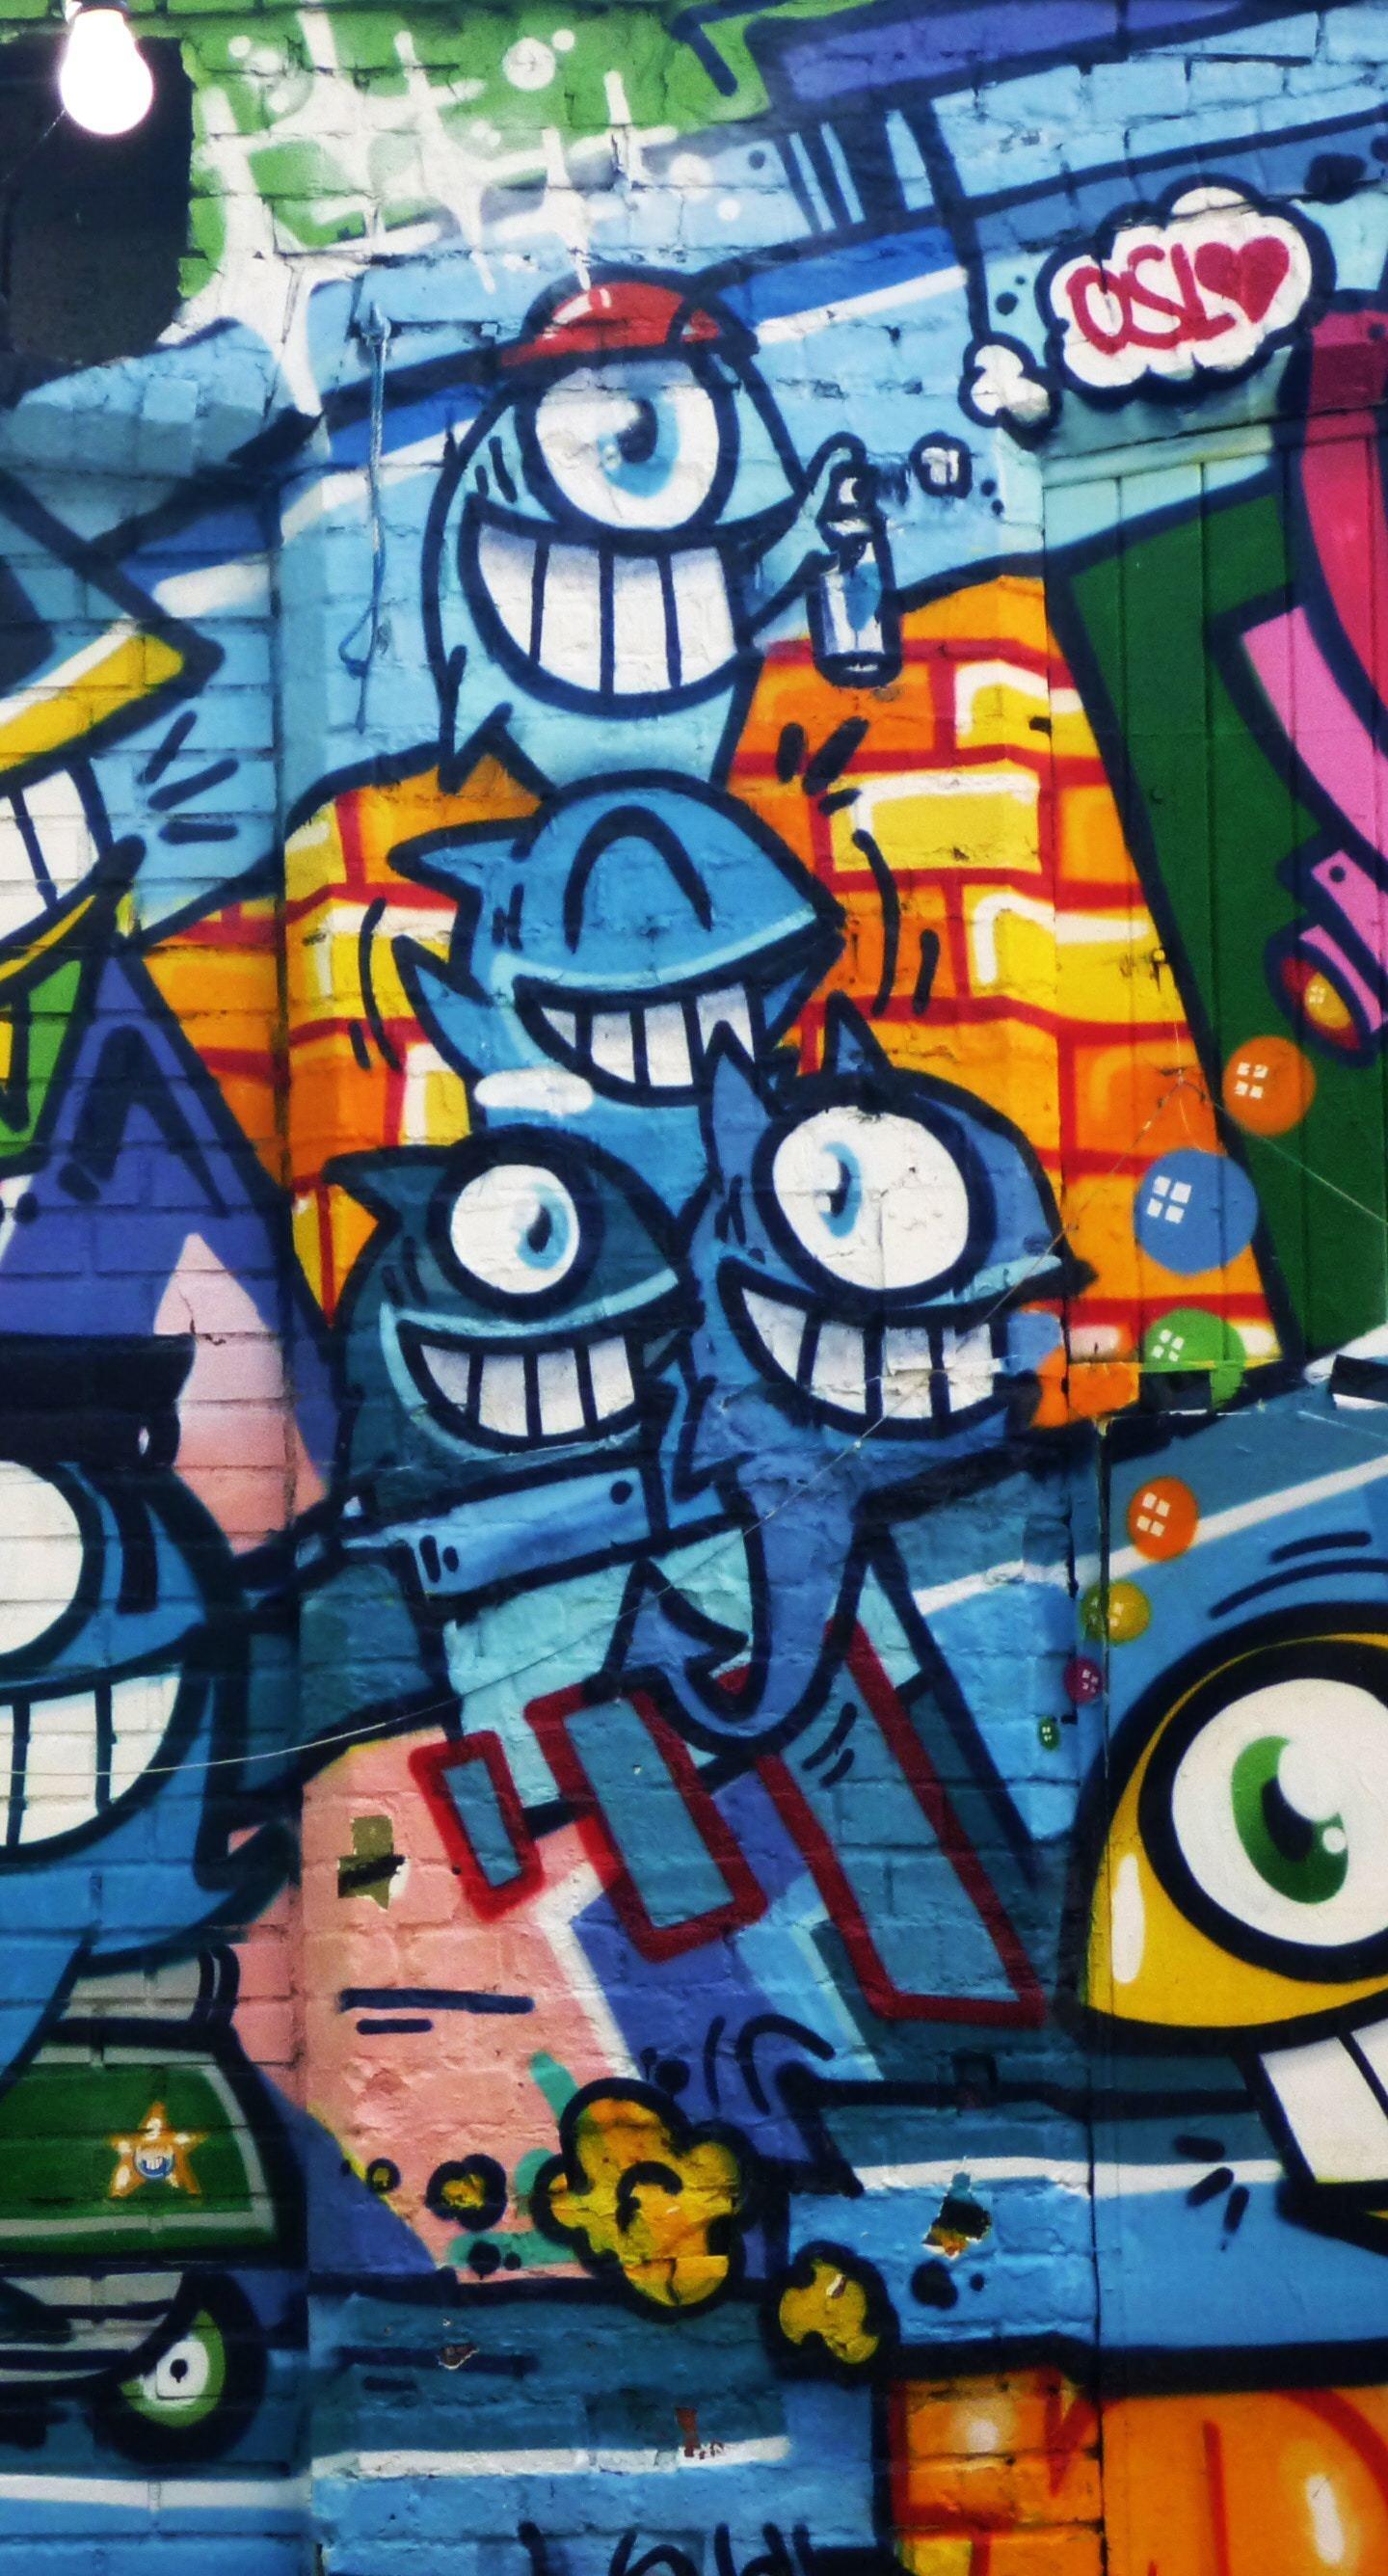 Graffiti Wall Art Bright Street 1440x2960 Wallpaper